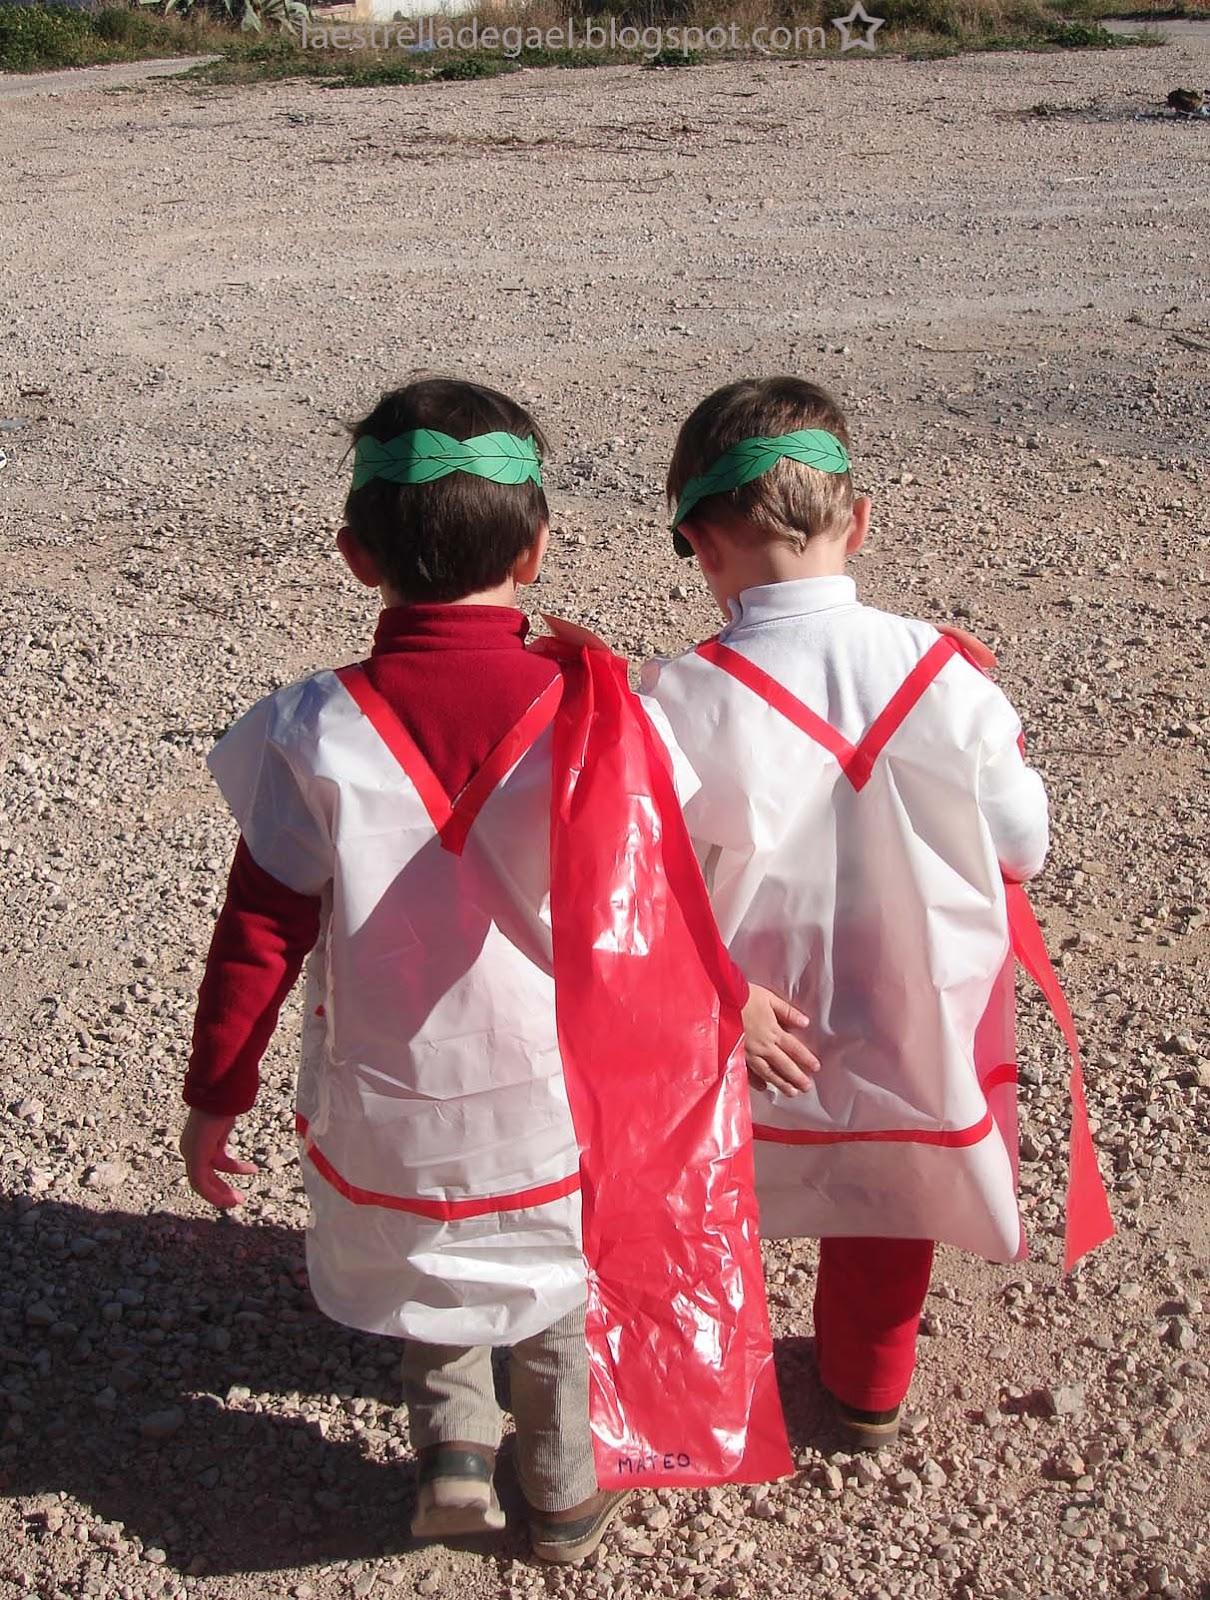 La Estrella de Gael: Disfraz de Romano con Bolsas de Basura. Viva el